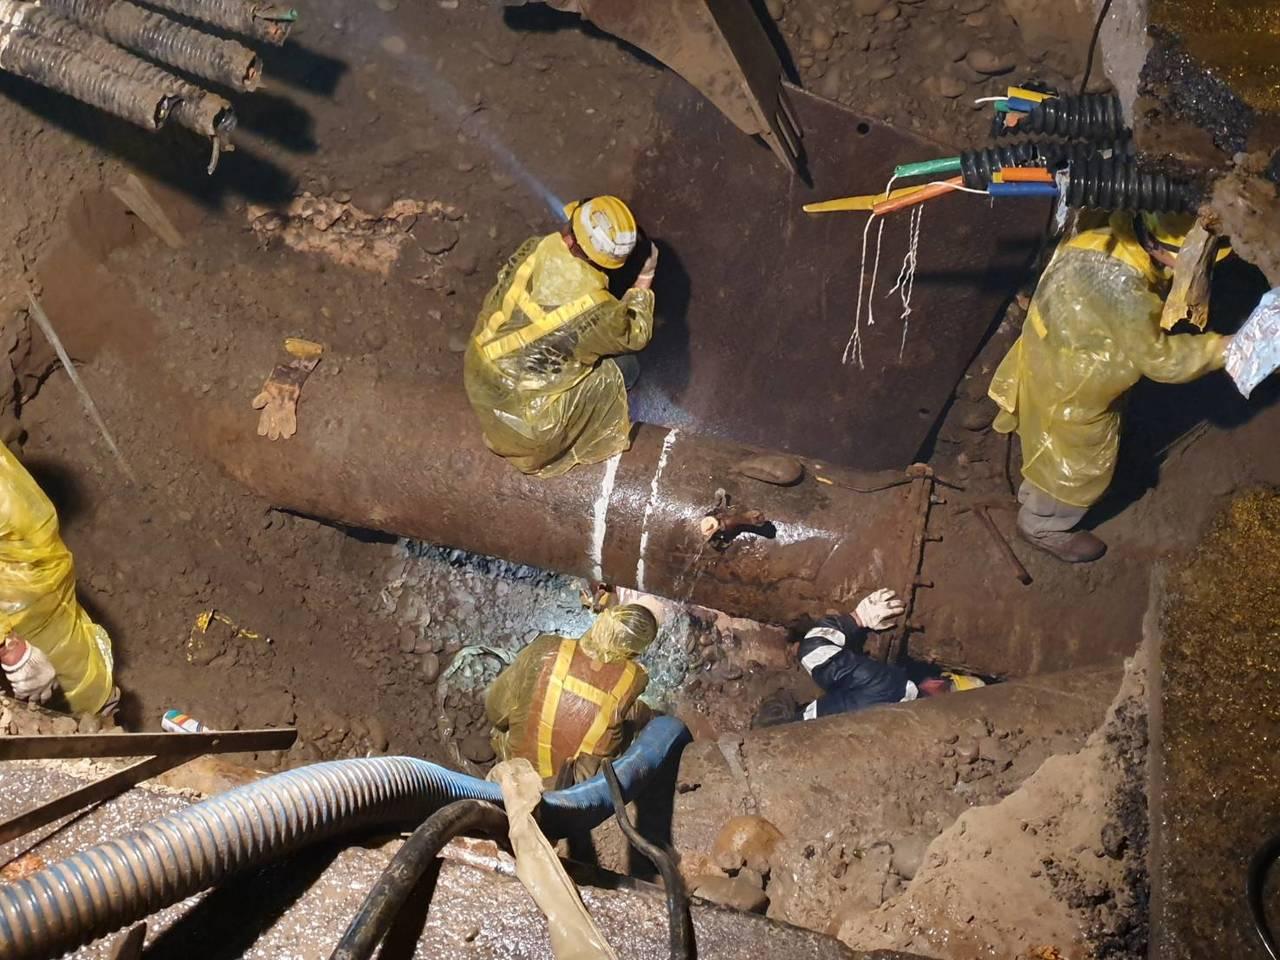 自來水公司的工作人員全力搶修,忙了一整個晚上,約凌晨3點將管線修復完成。圖/朱健...